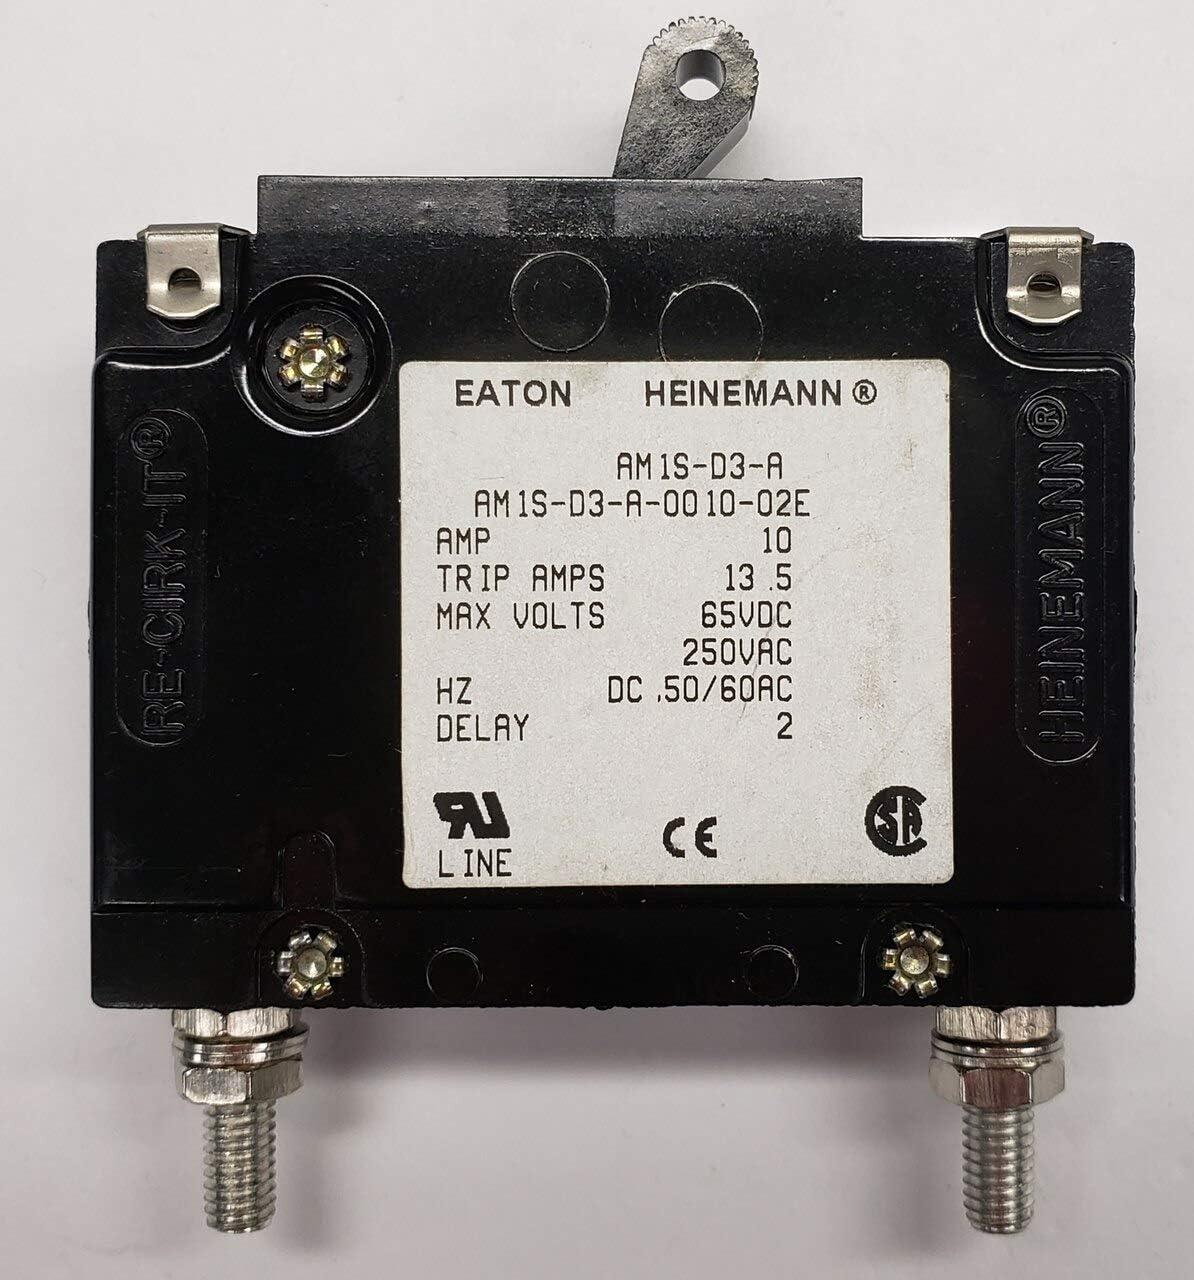 Heinemann Circuit Breaker AM1S-D3-A-0015-02E